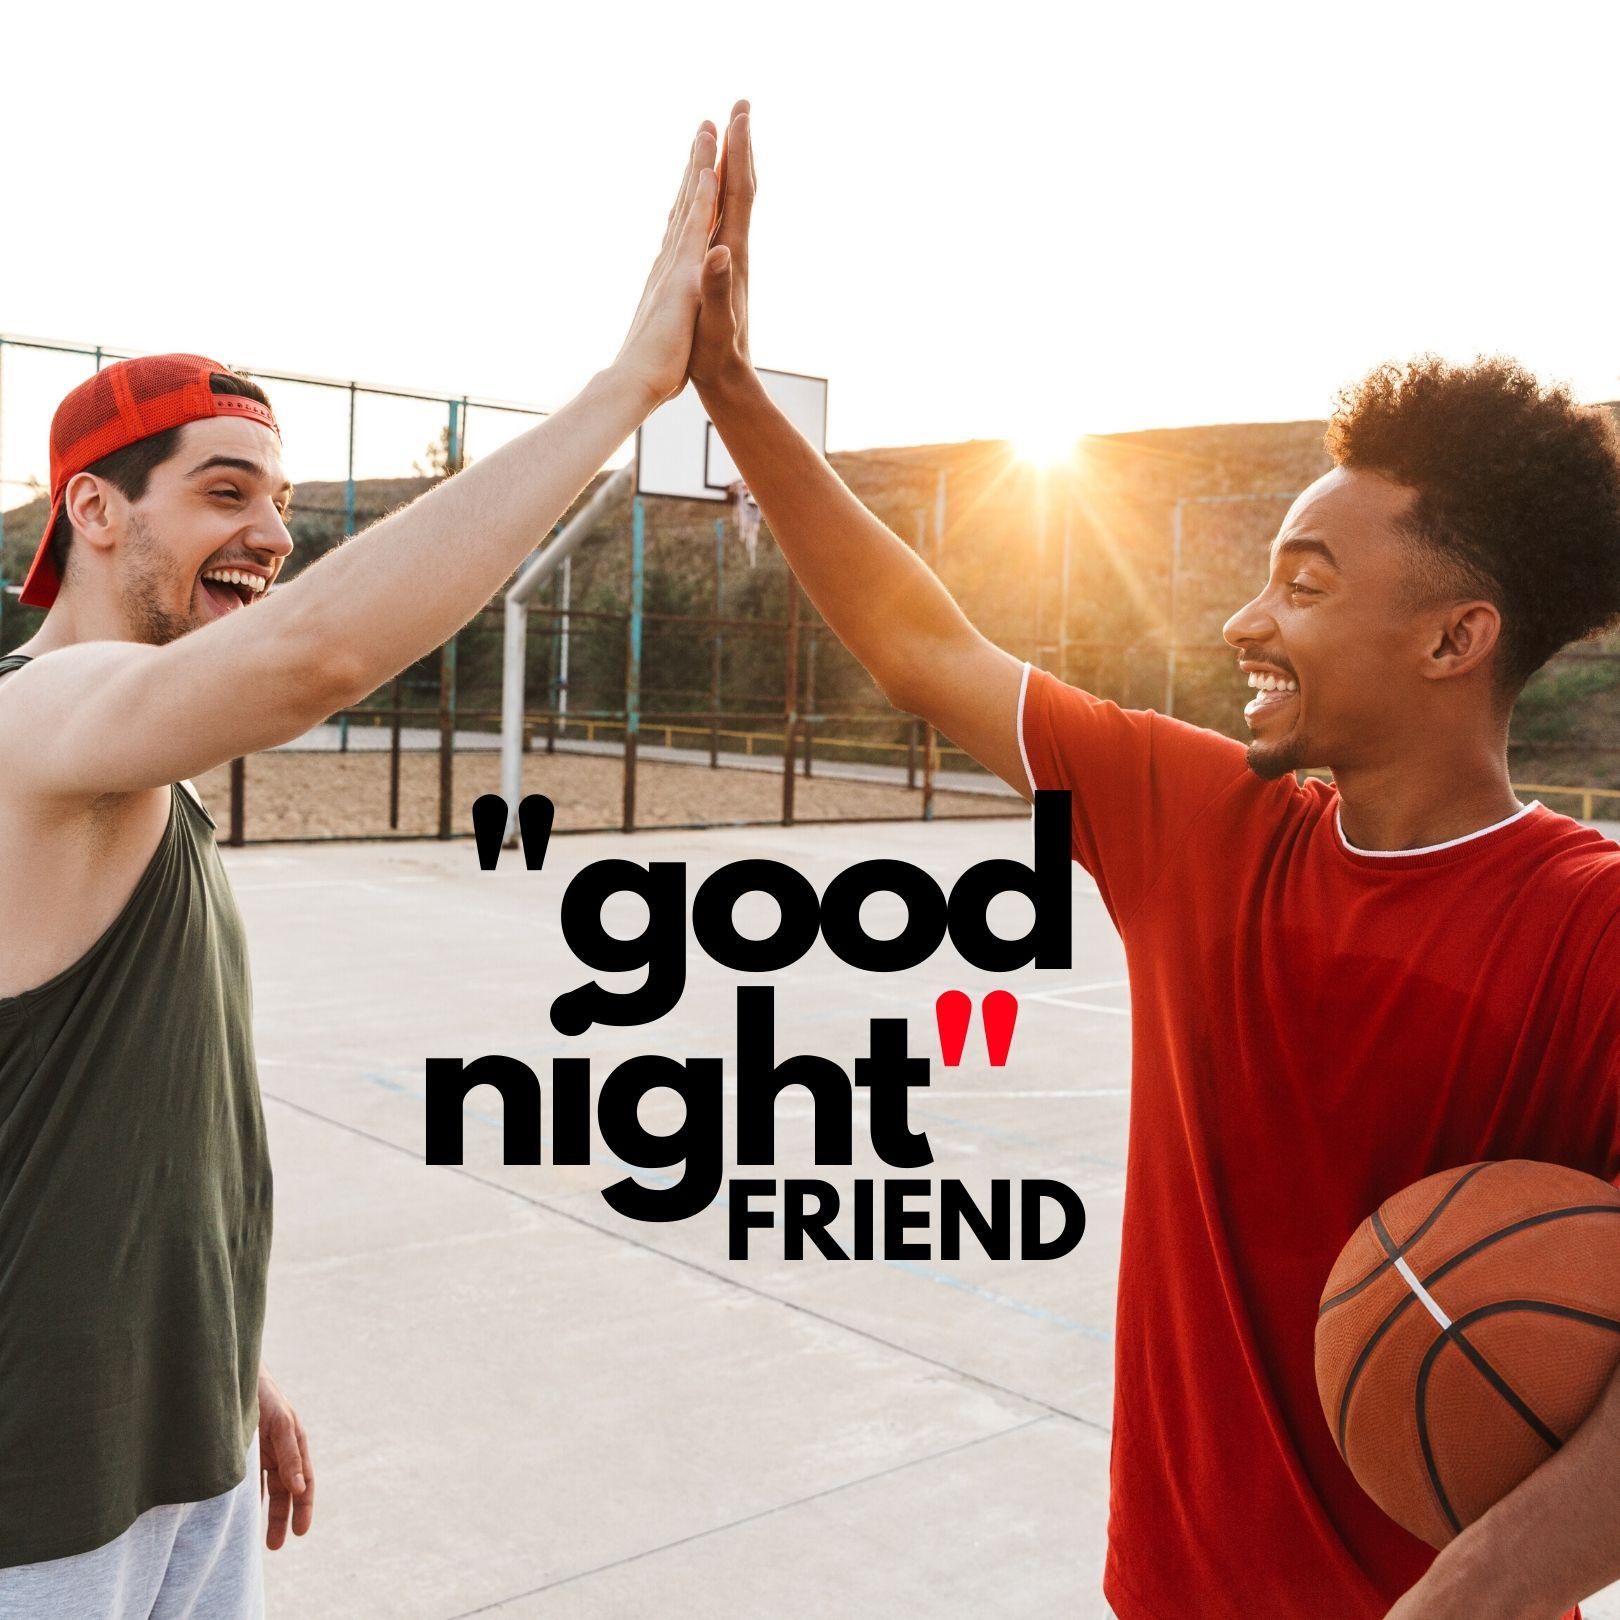 Good Night friend image hd full HD free download.